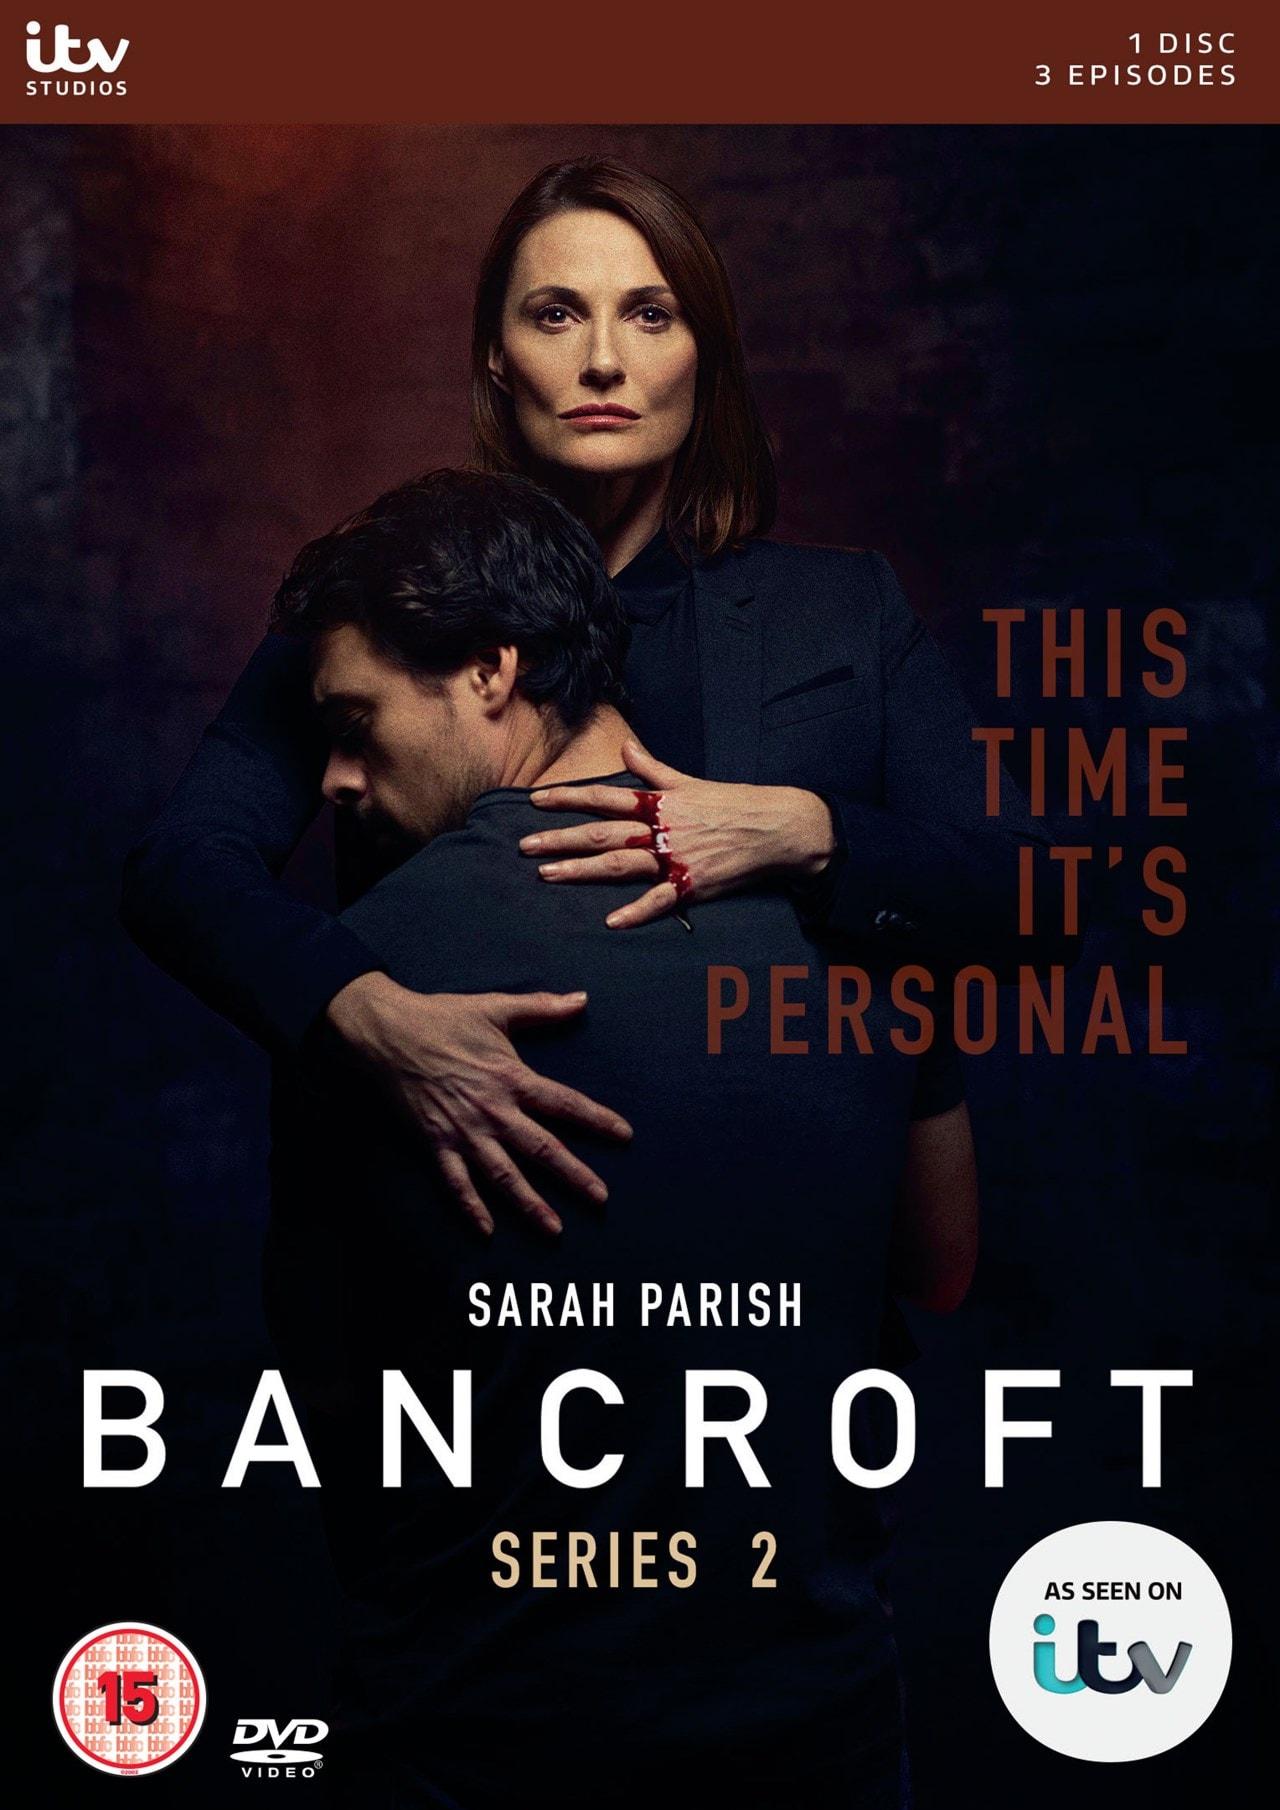 Bancroft: Series 2 - 1